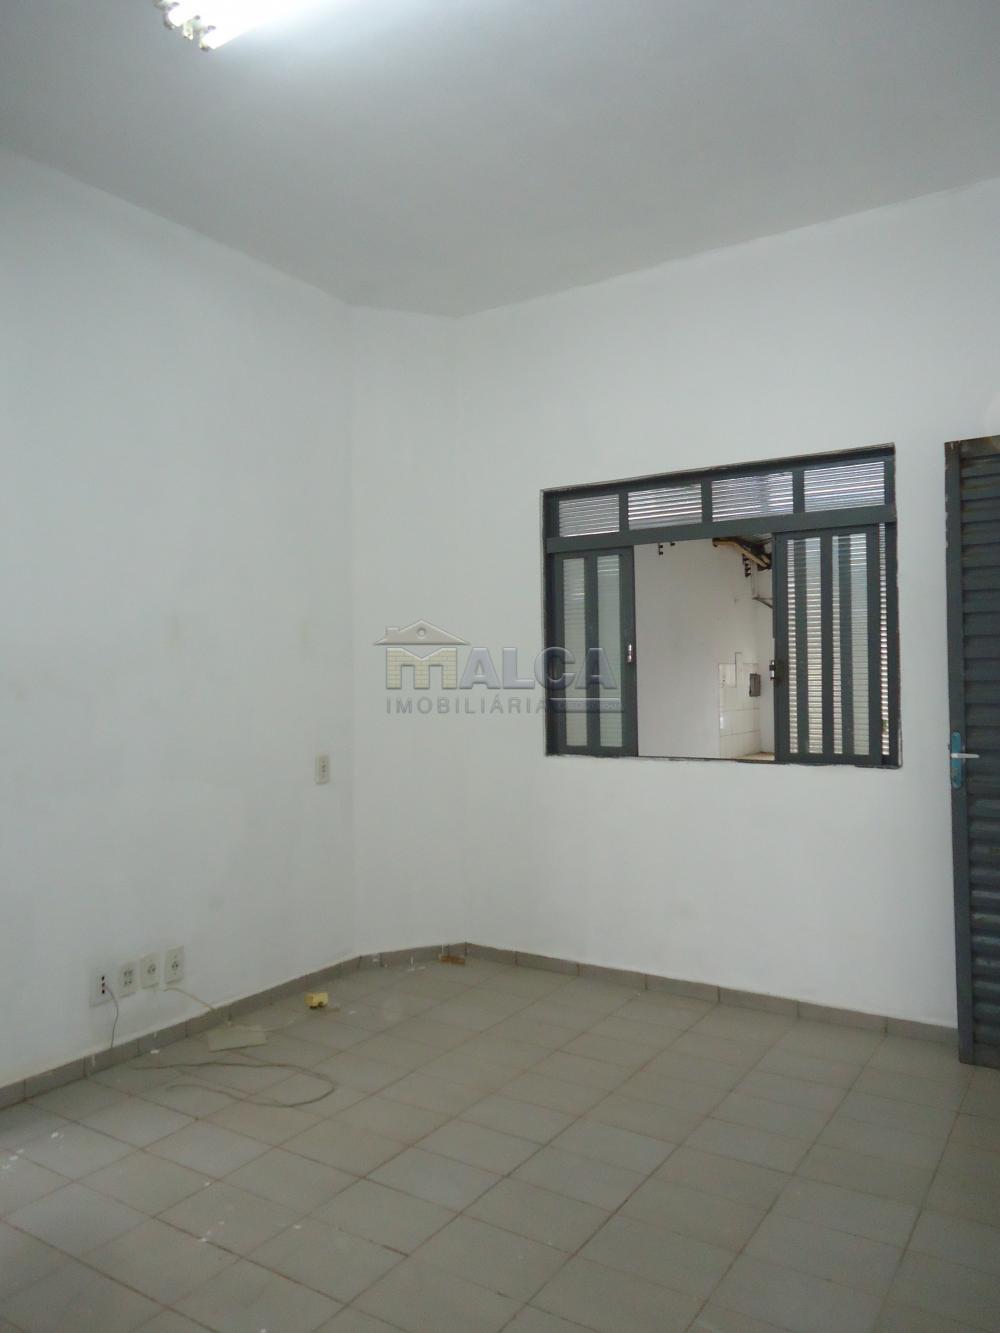 Alugar Comerciais / Barracões em São José do Rio Pardo R$ 3.500,00 - Foto 17